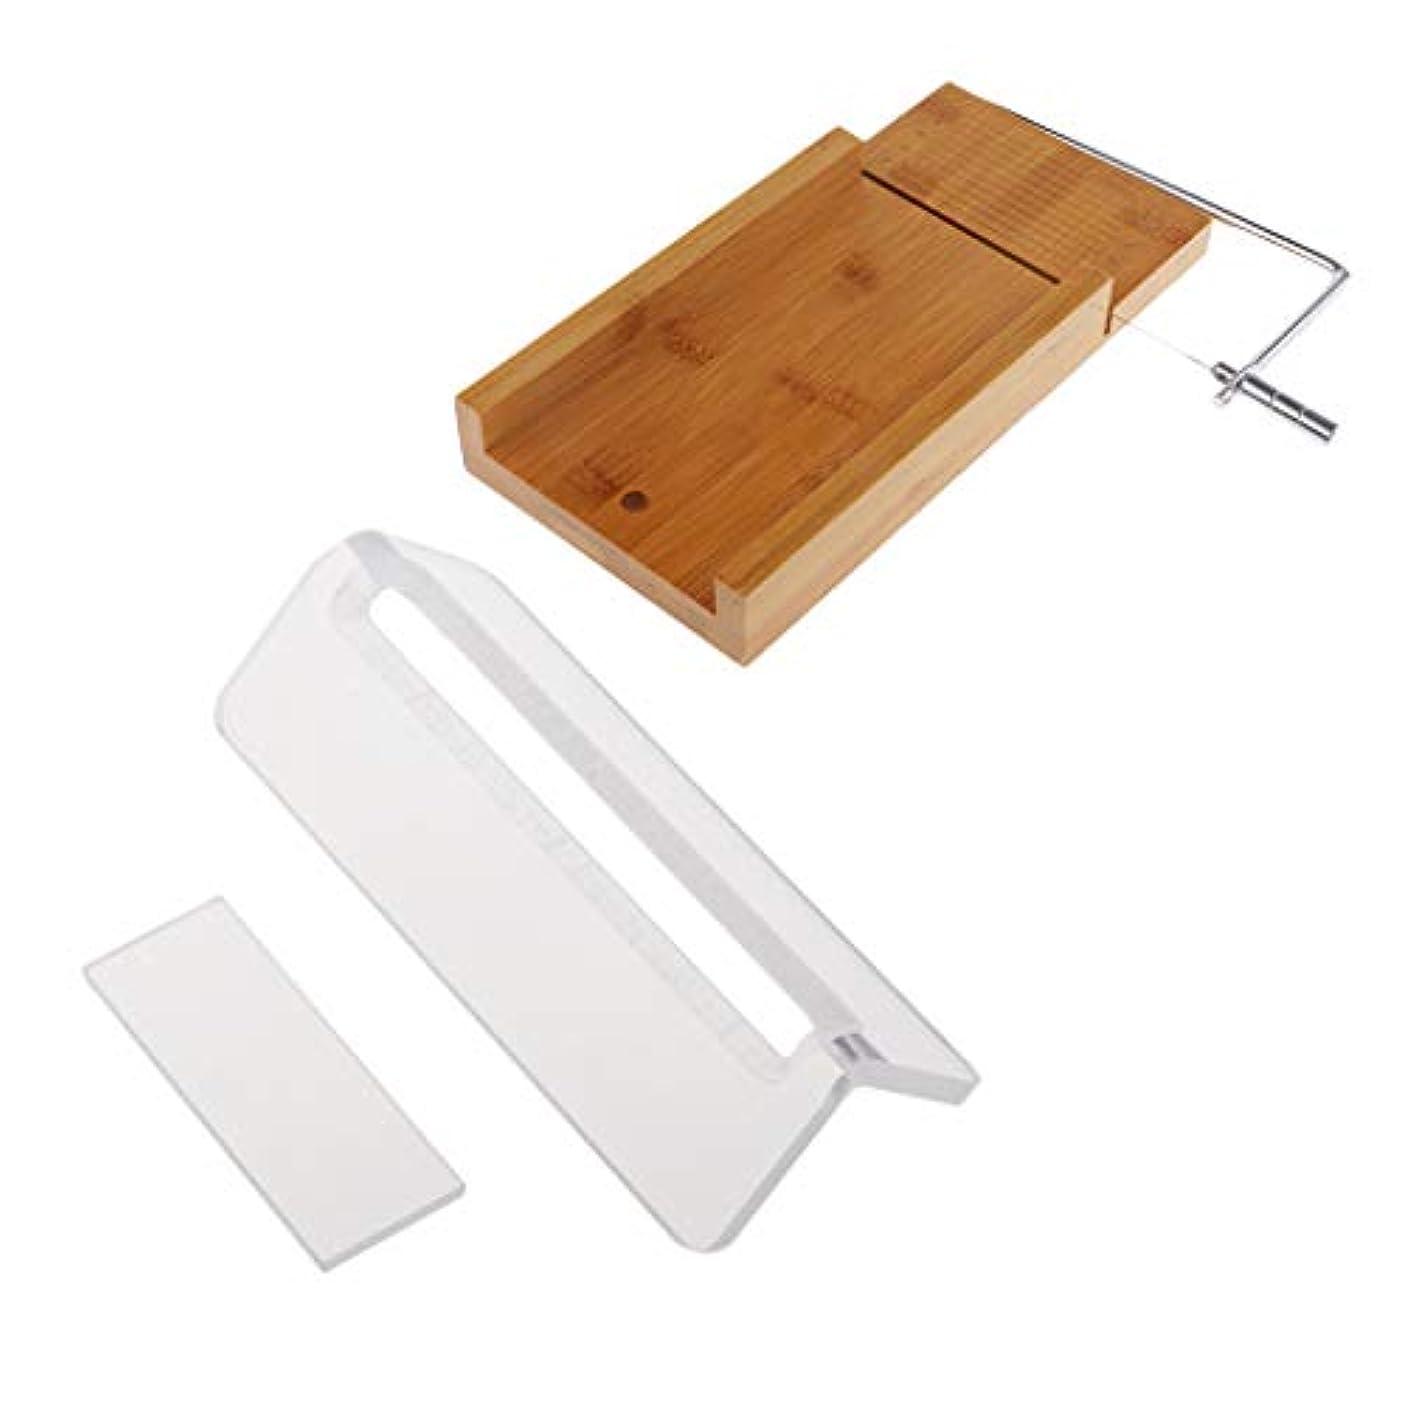 カメどのくらいの頻度で昼寝ローフカッター 木製 ソープ包丁 石鹸カッター 手作り石鹸 DIY キッチン用品 2個入り